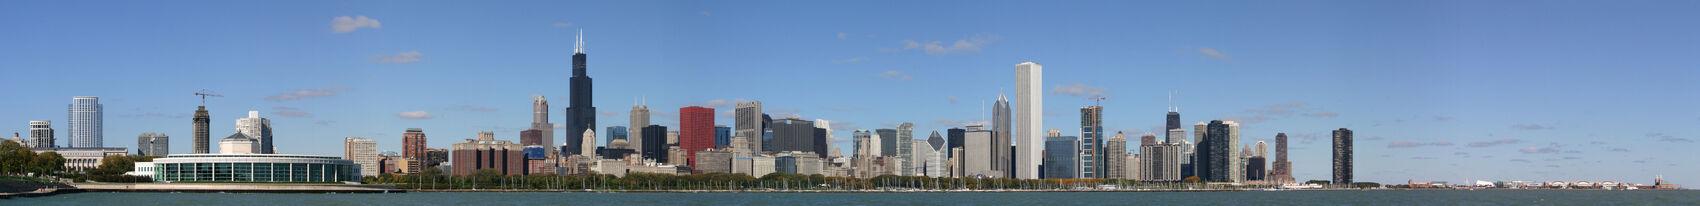 מרכז העיר שיקגו במבט מפלנטריום אדלר. הבניין השטוח עם החלונות הגדולים משמאל הוא האקווריום. בתמונה נראים גם מגדל סירס ומרכז ג'ון האנקוק. קטע היבשה הימני ביותר הוא הנייבי פיר.